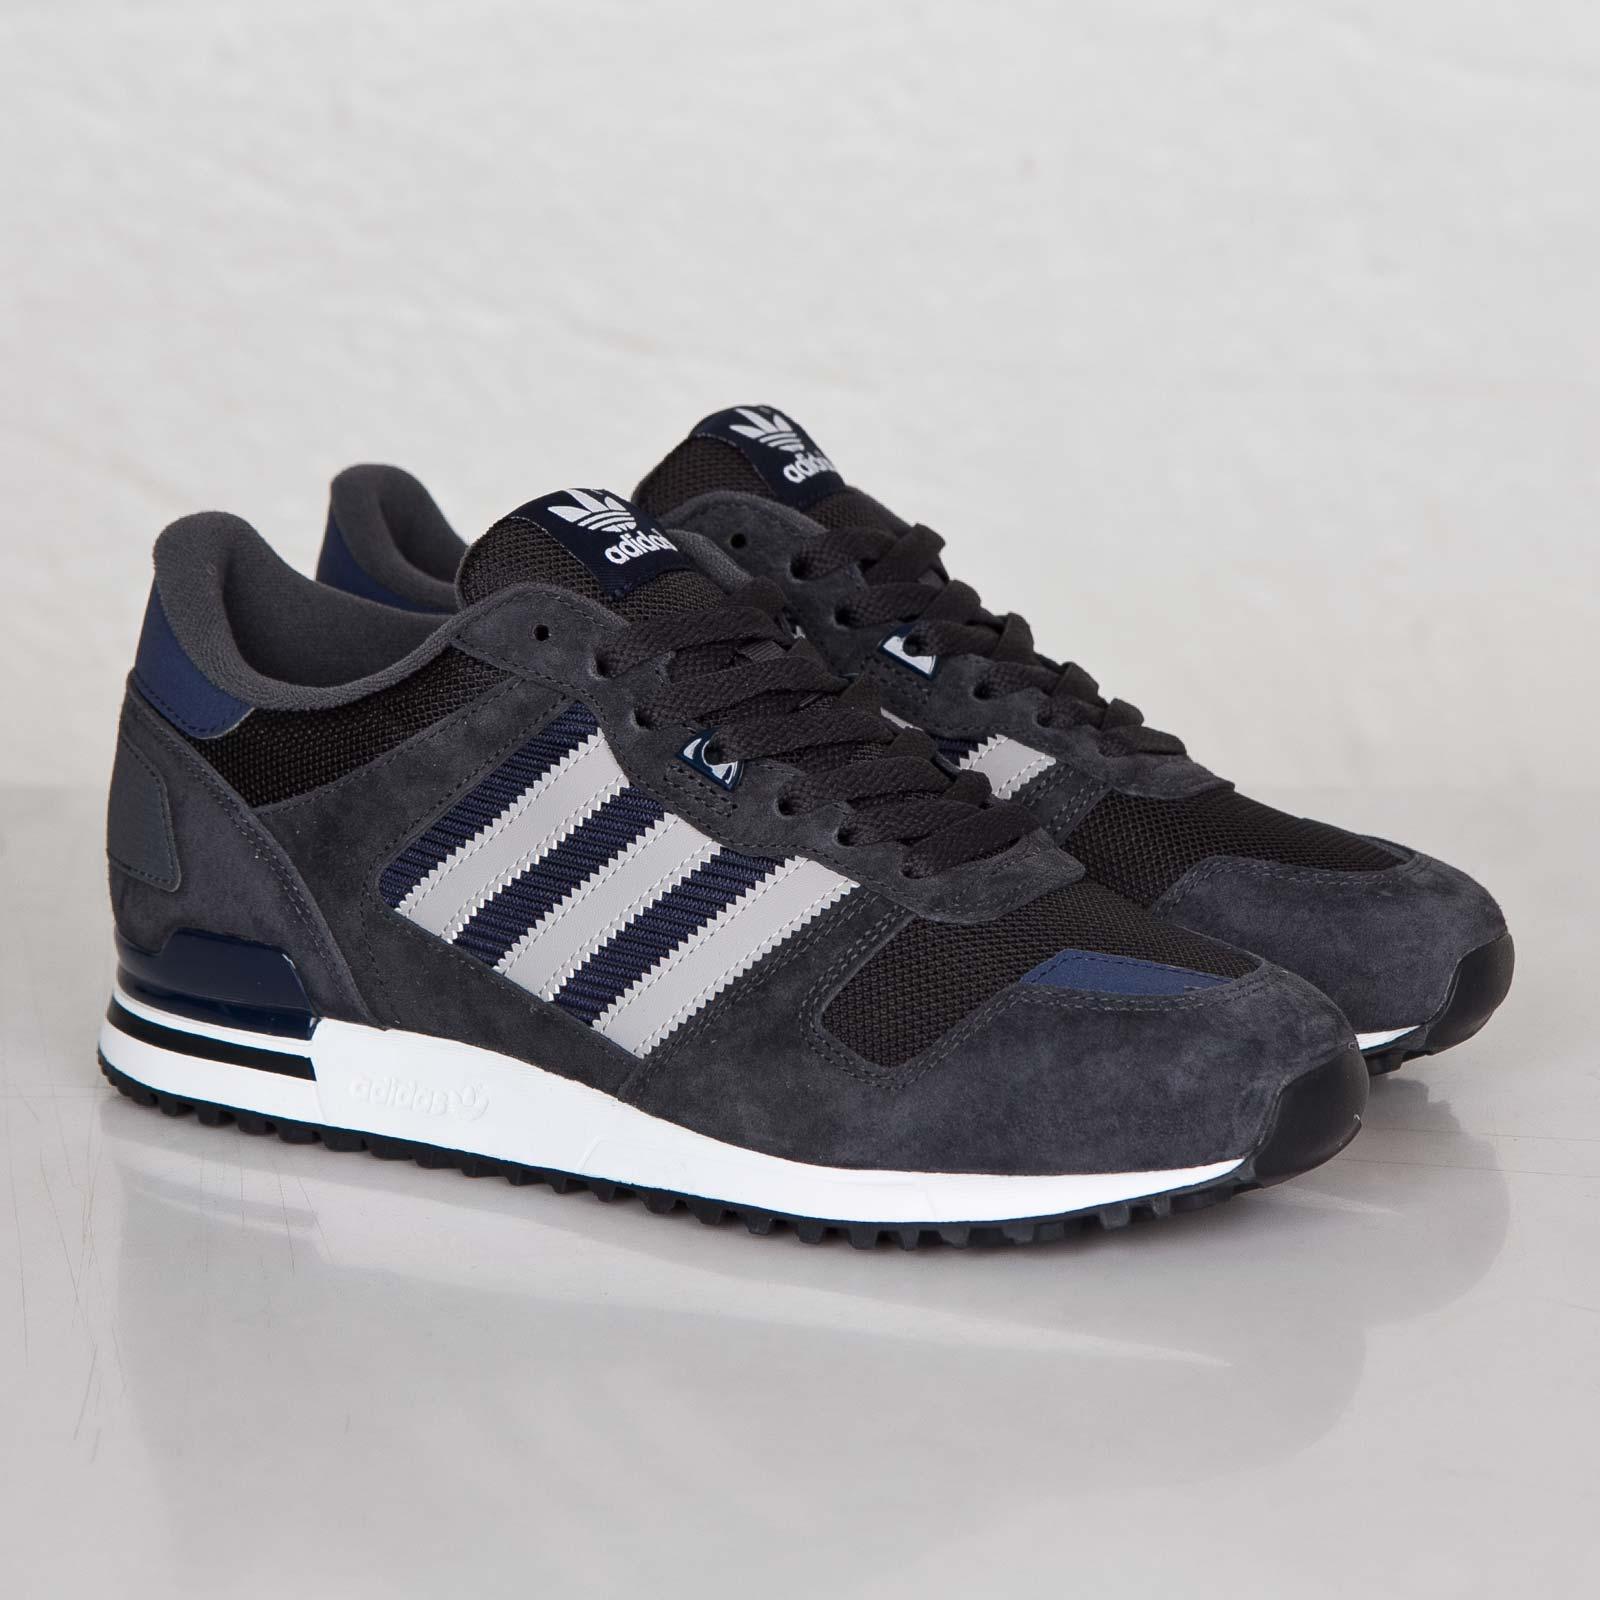 wholesale dealer b0b51 22d99 adidas ZX 700 - M19391 - Sneakersnstuff   sneakers   streetwear ...